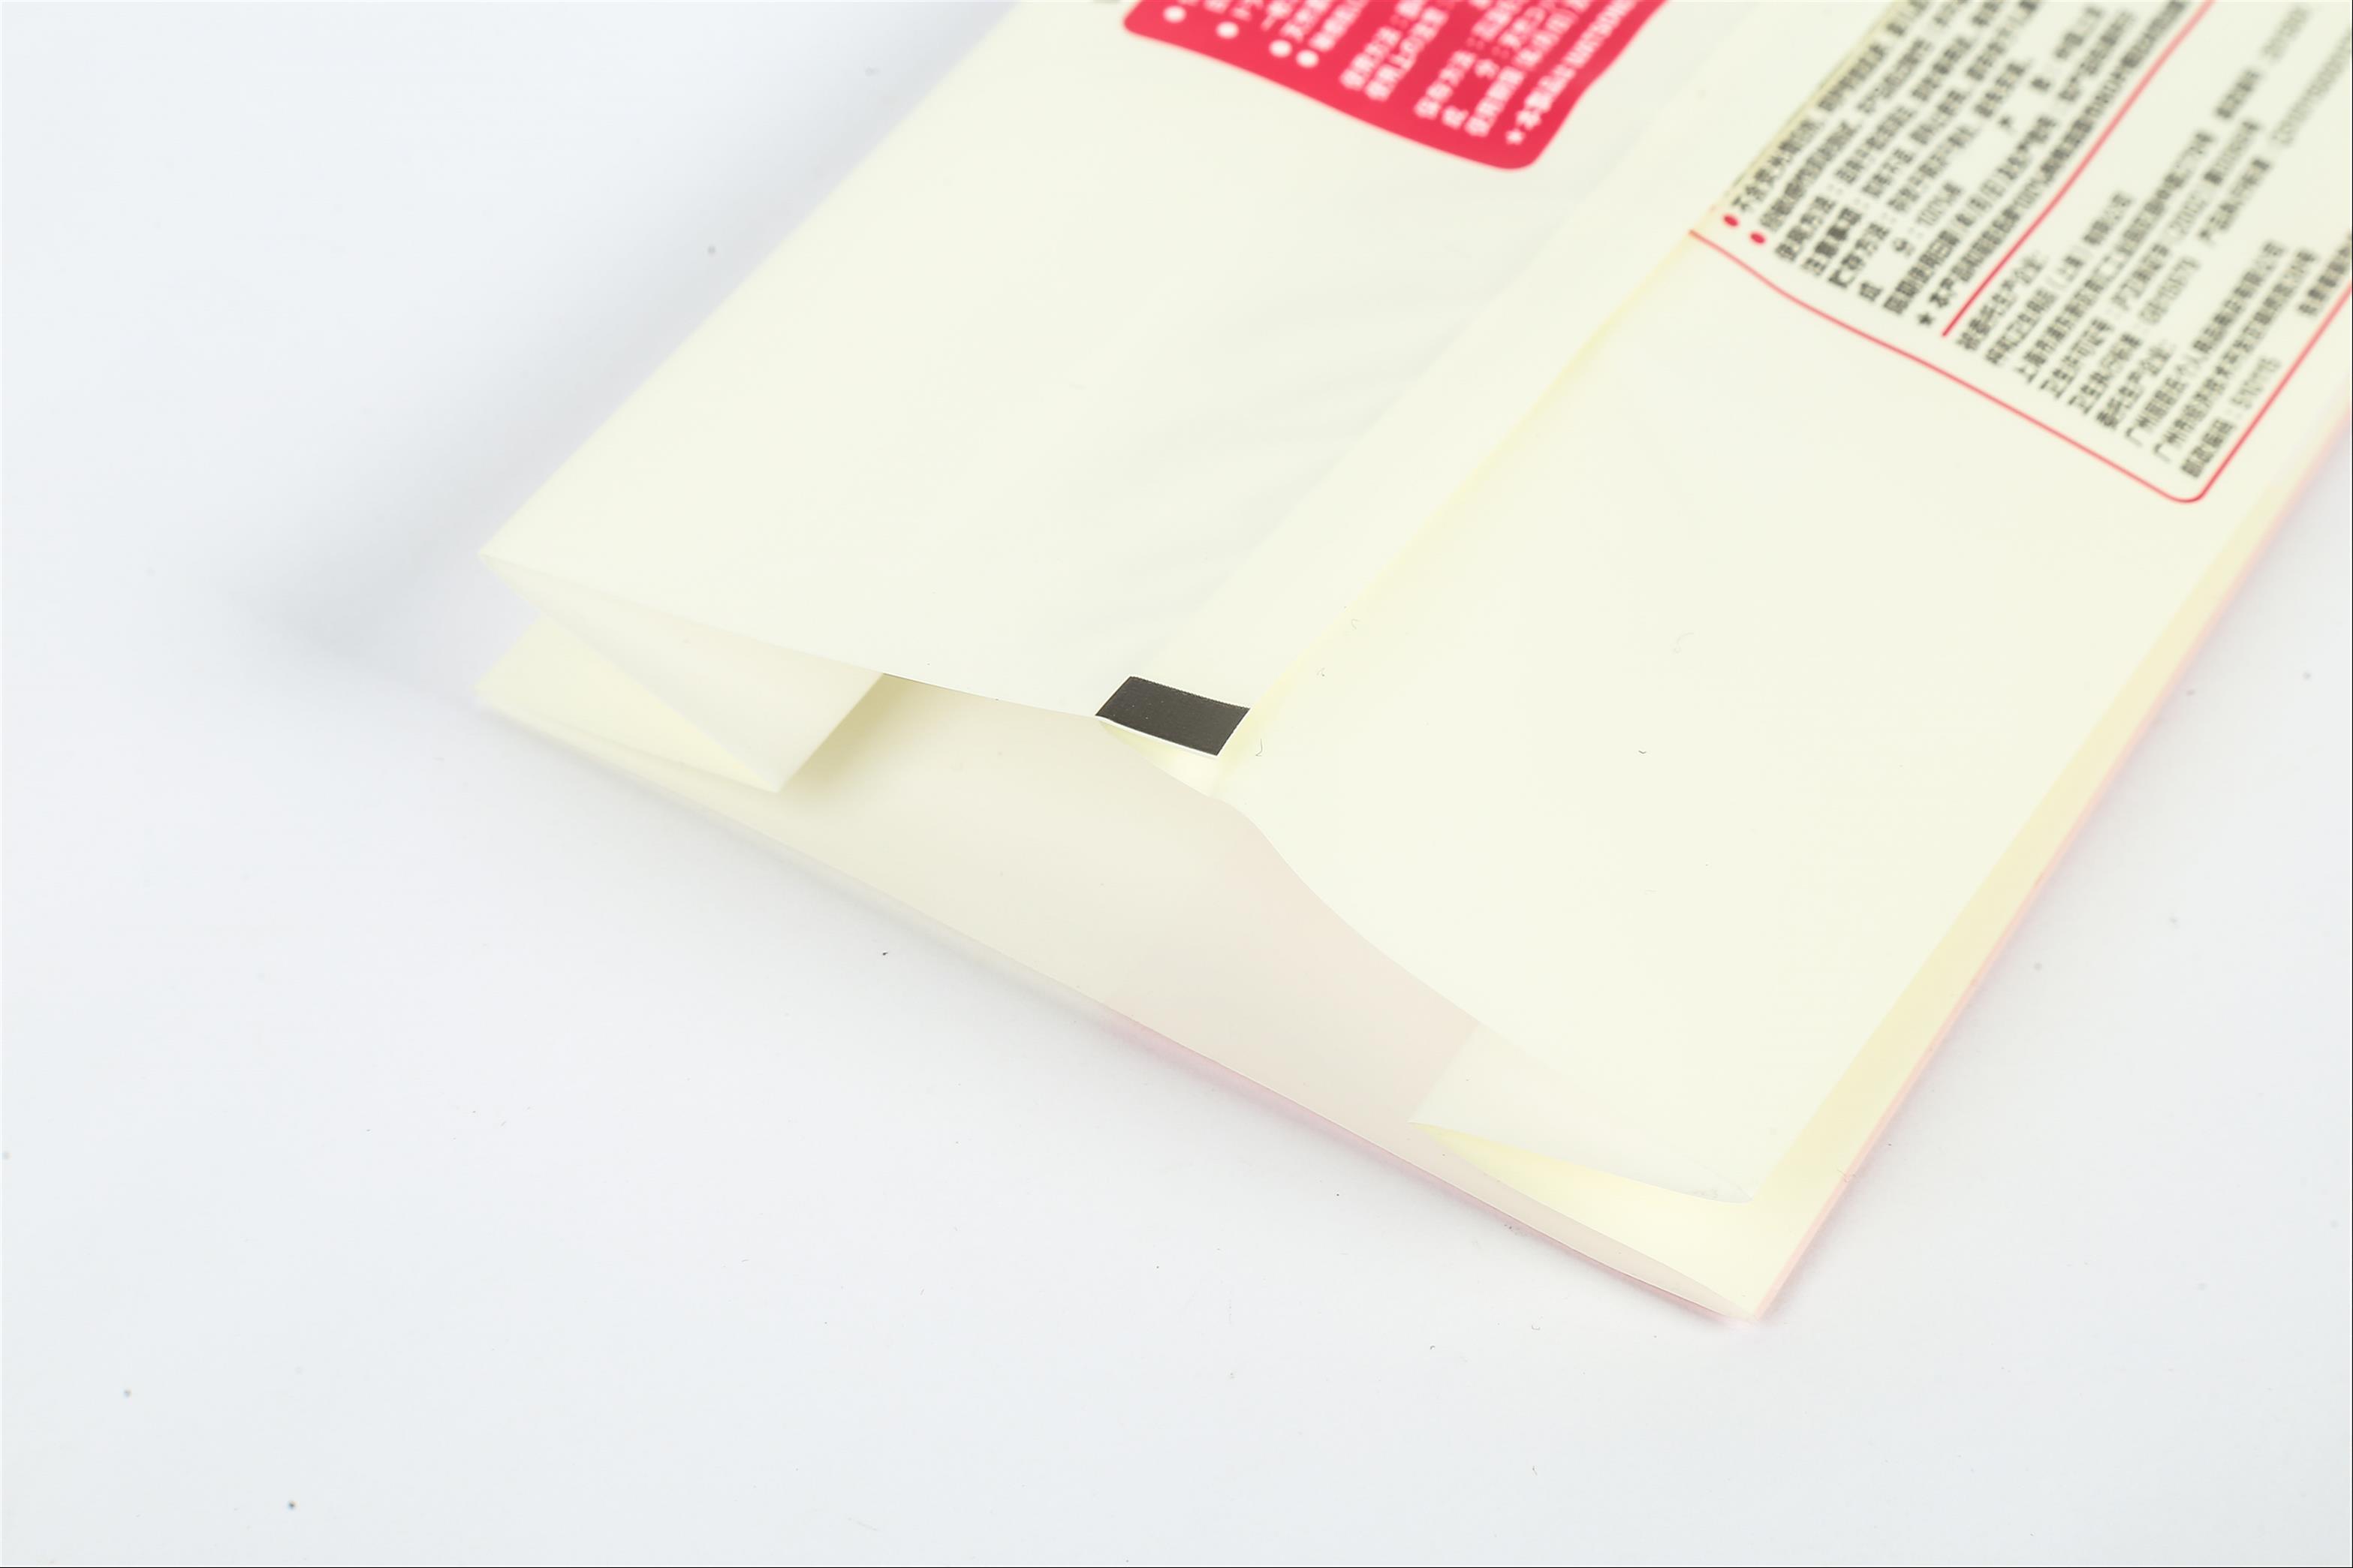 合成纸不干胶软件苏州轩明包装印刷平面设计网站的标签有哪些图片图片